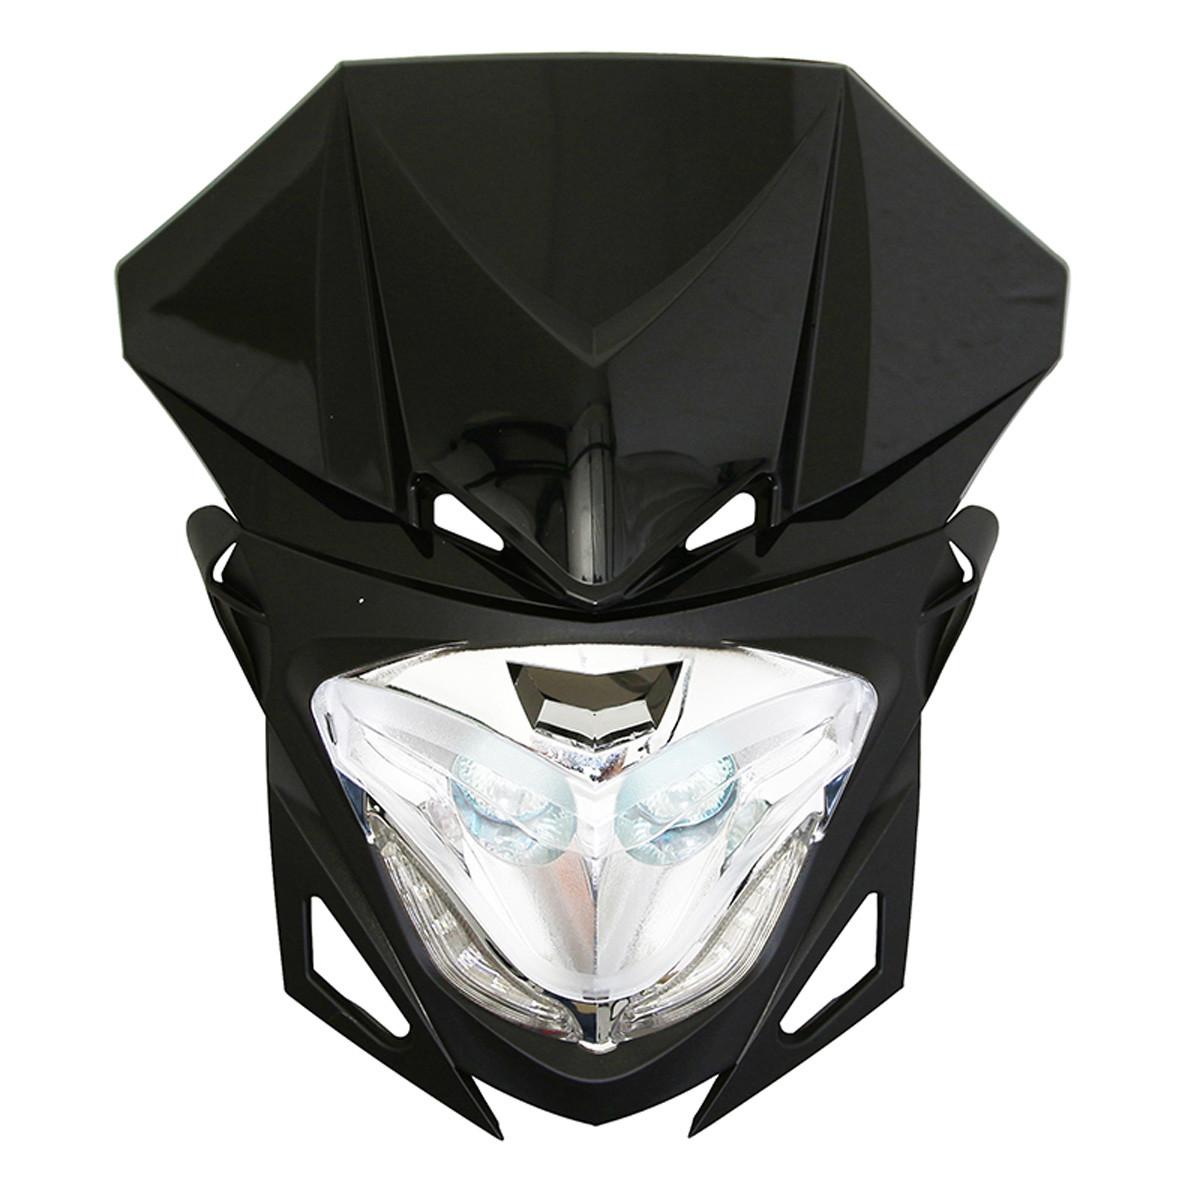 Tête de Fourche / Plaque phare - RR8 2x20w Noir à Leds blanc